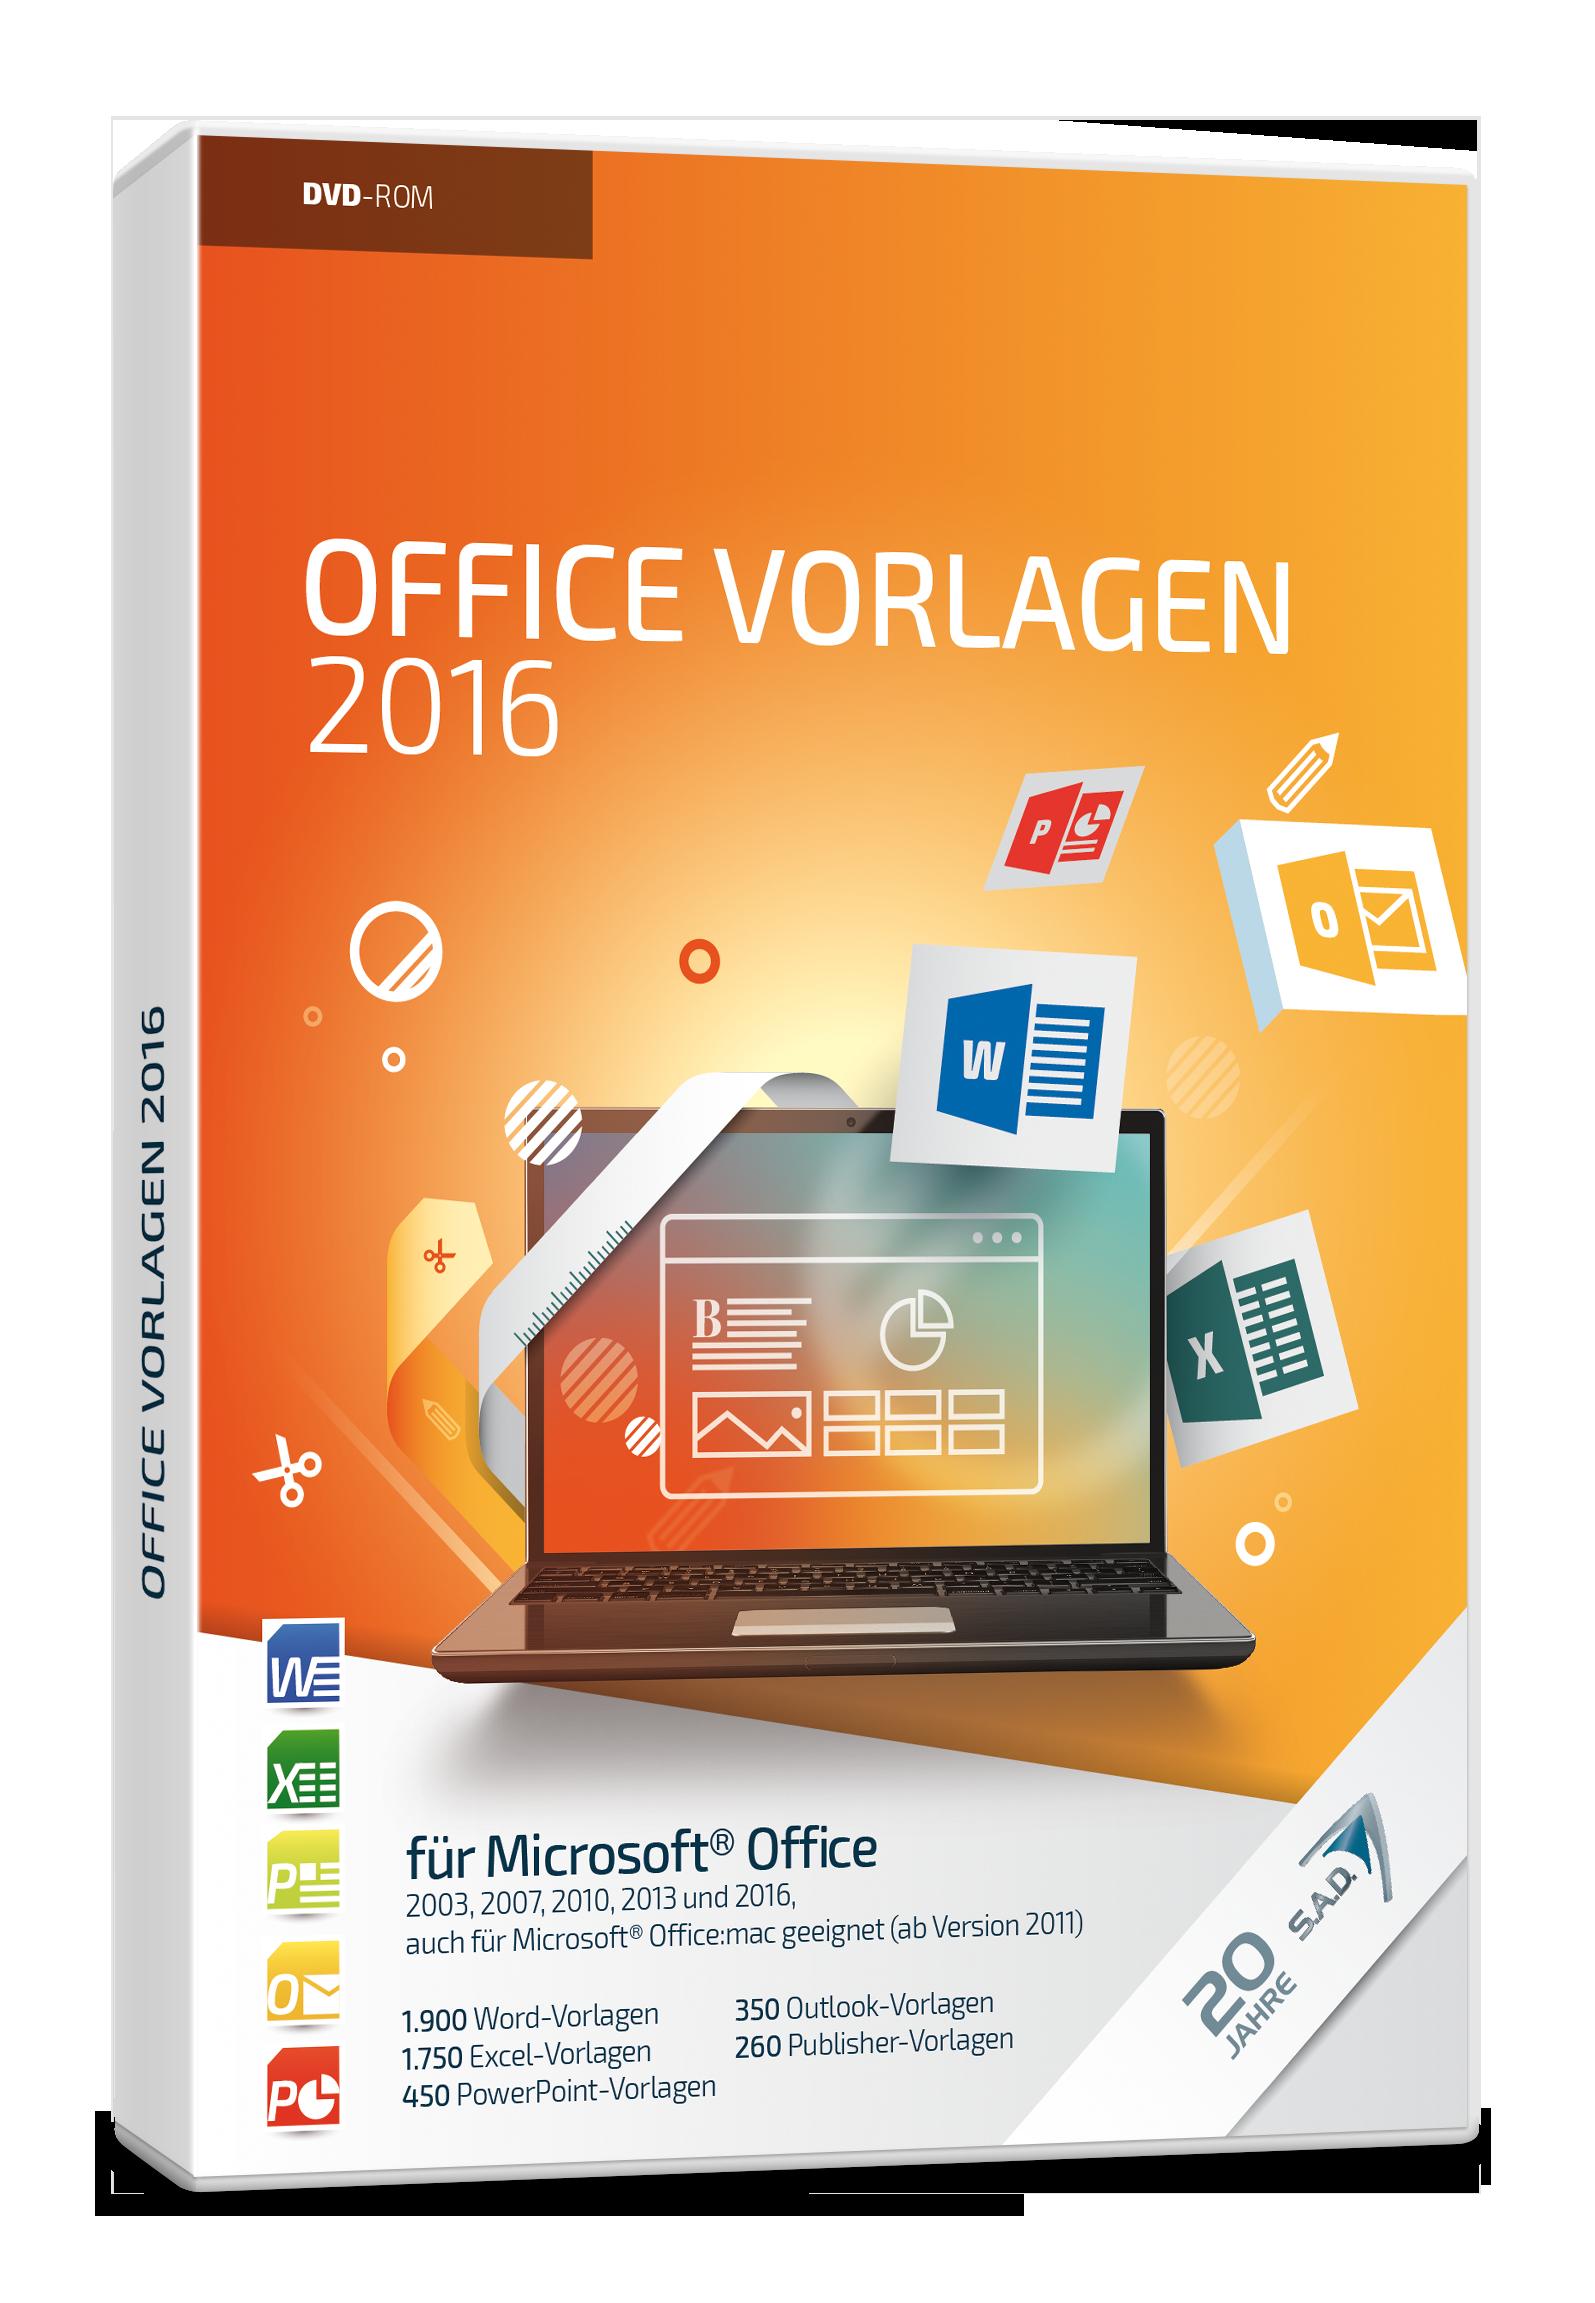 Benutzerfreundliche Vorlagen für Word, Excel und Co. › S.A.D. GmbH